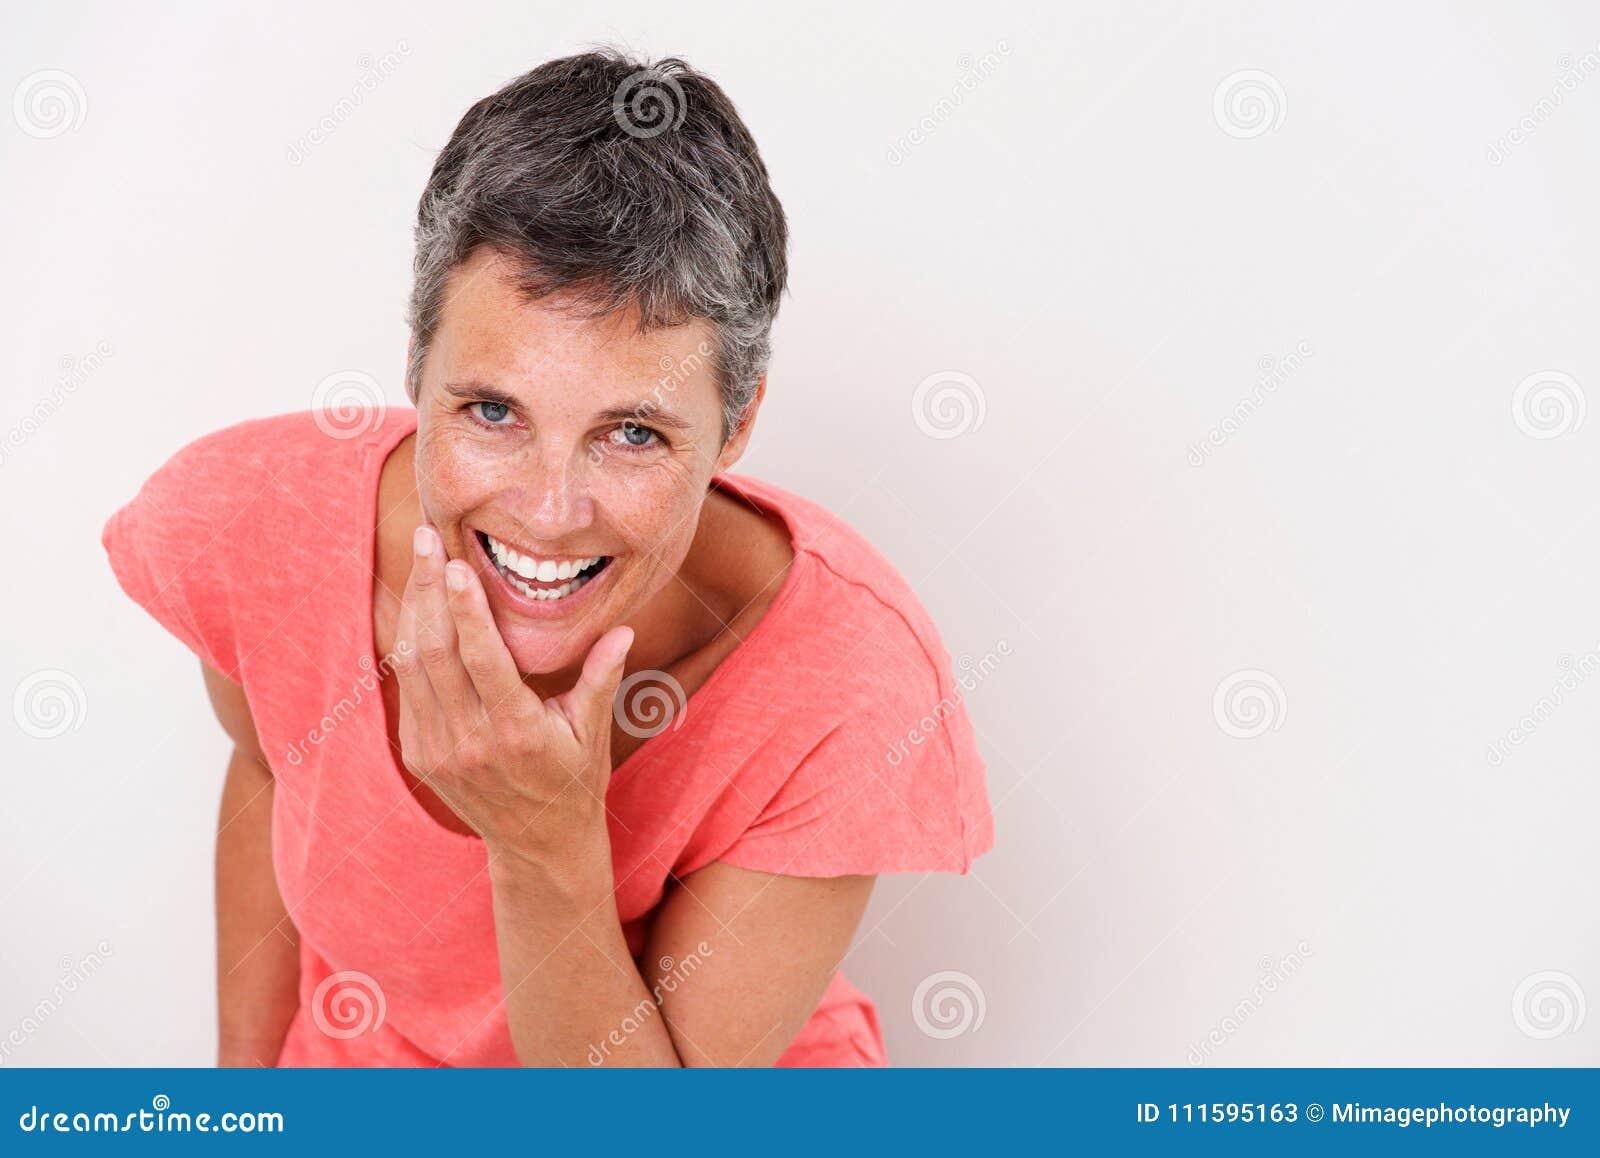 Porträt der älteren Frau lachend gegen weißen Hintergrund